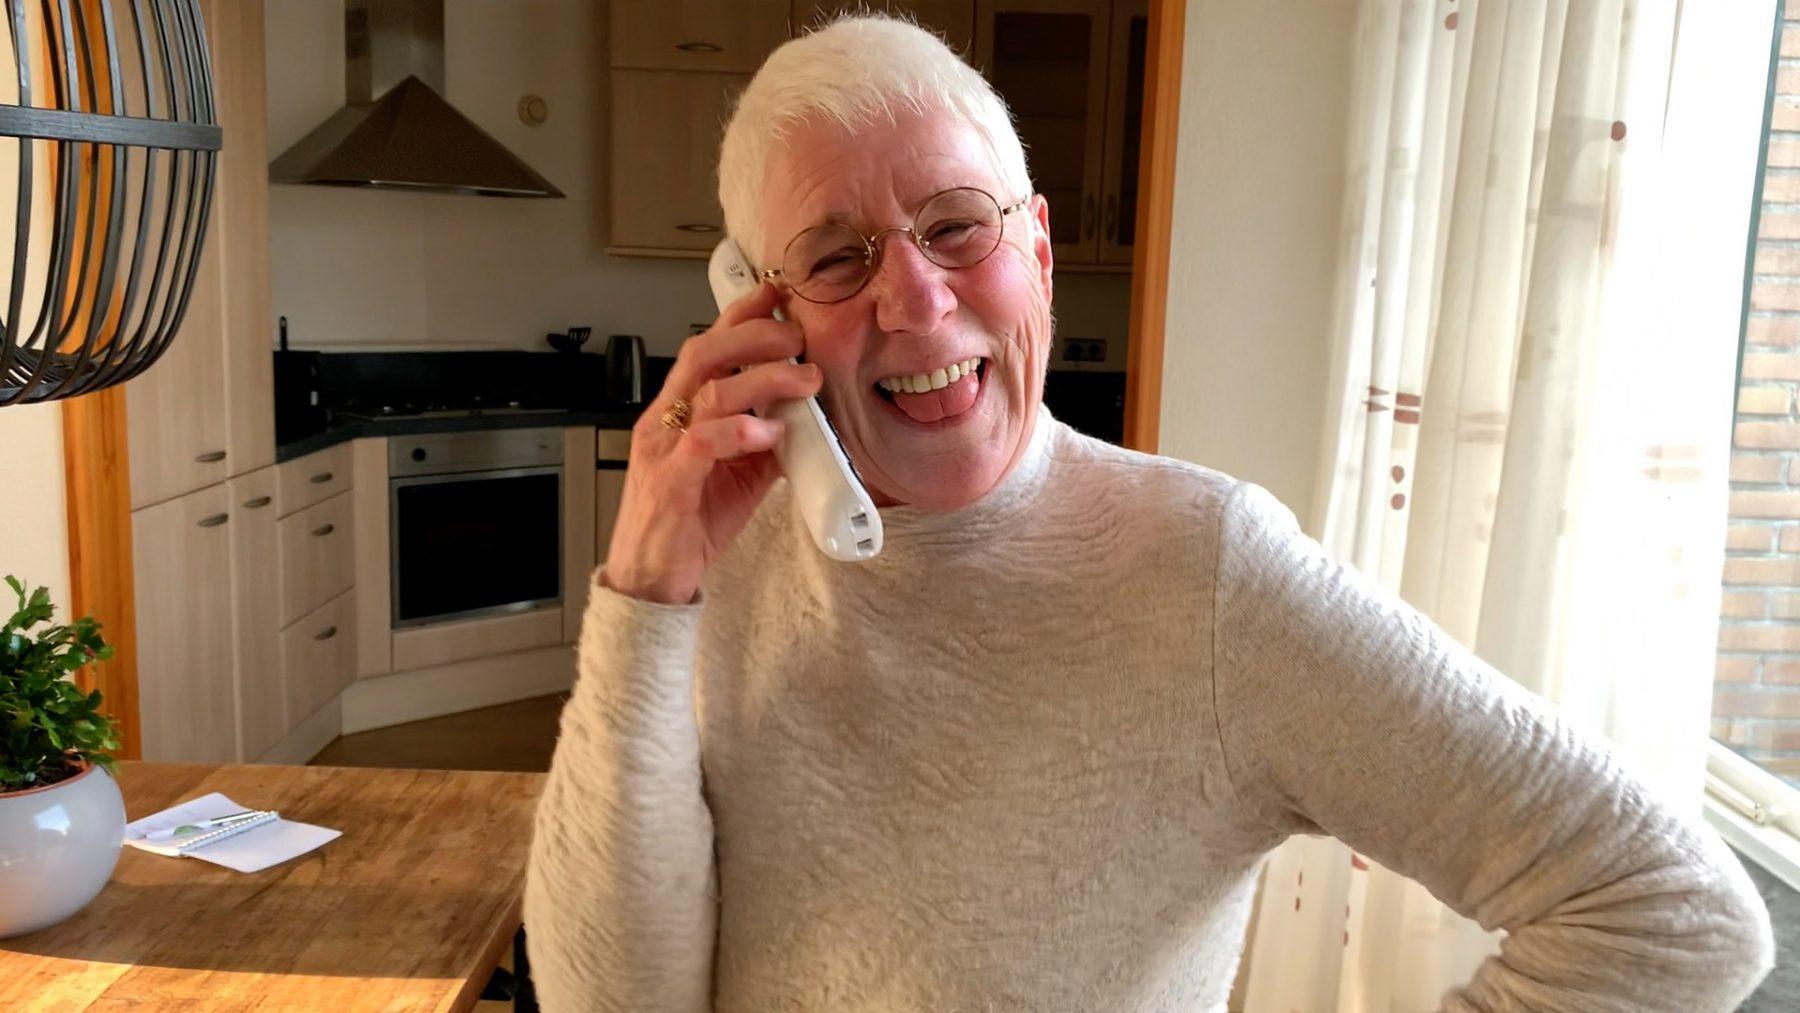 Buurvrouw Roos (74) is eenzaam en zoekt nu liefde via online daten